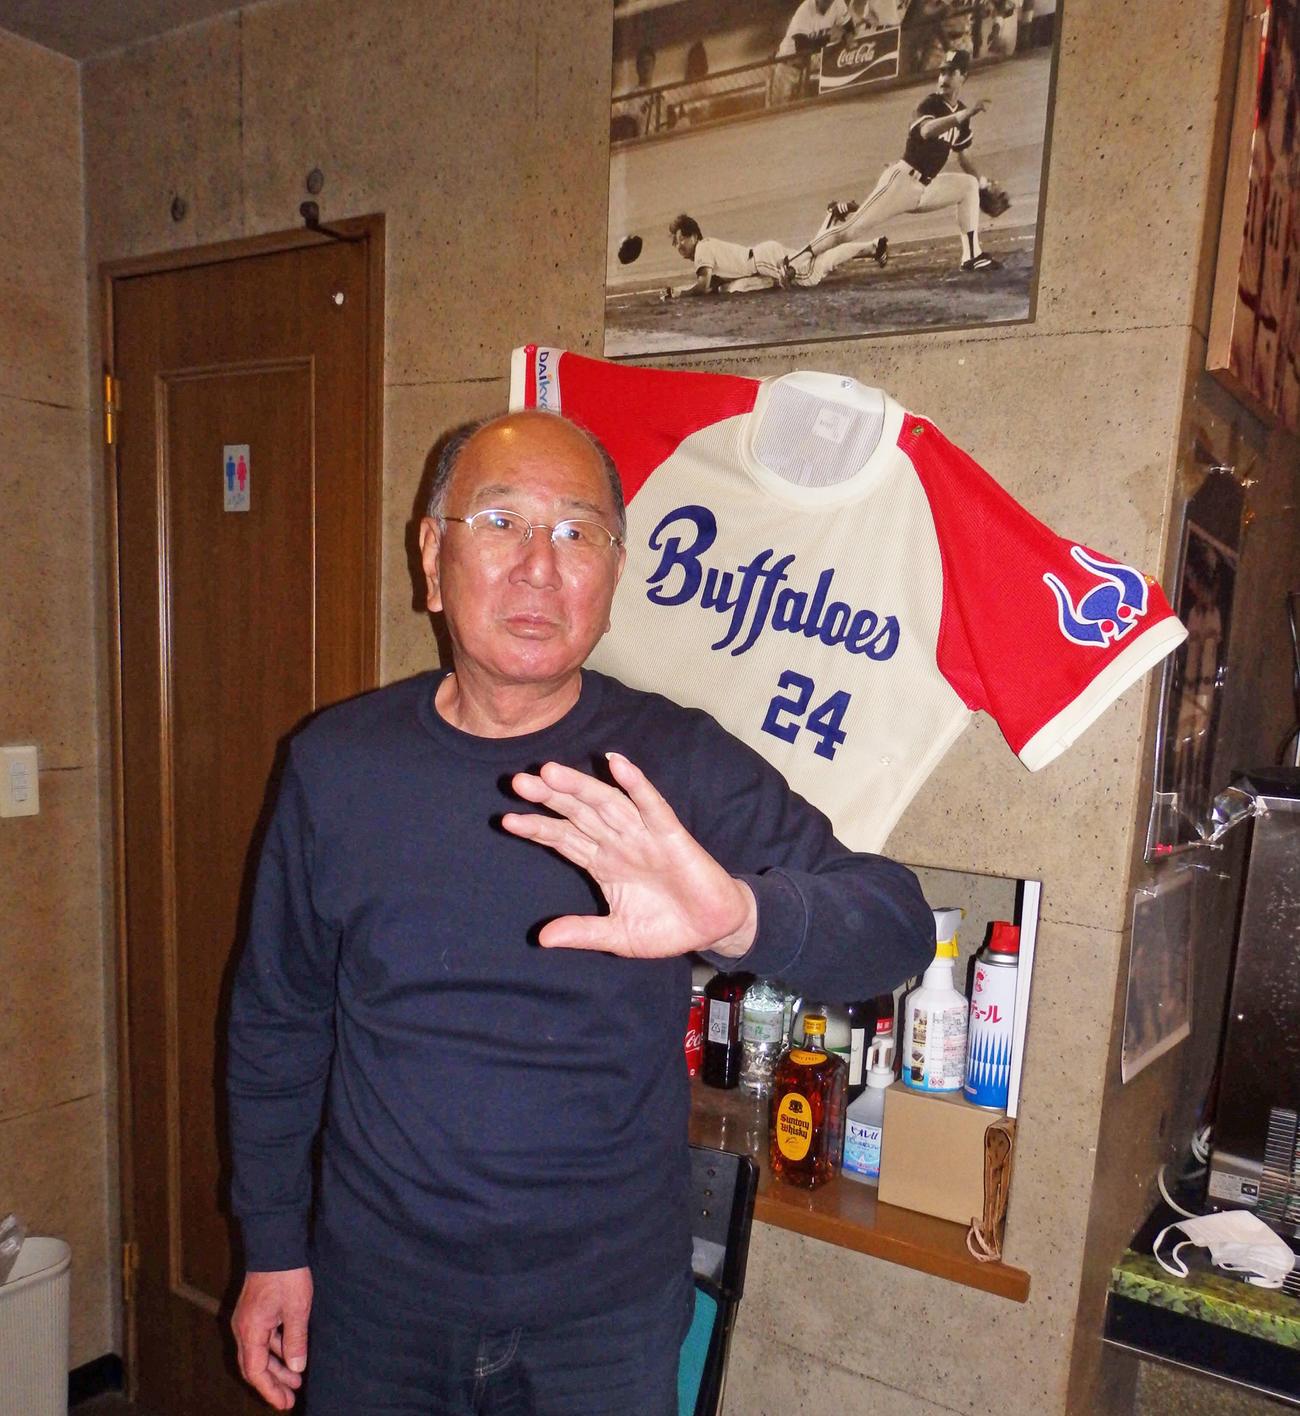 近鉄の名捕手だった有田氏は、経営する居酒屋でお客さんとの野球談義を楽しんでいる(撮影・高野勲)